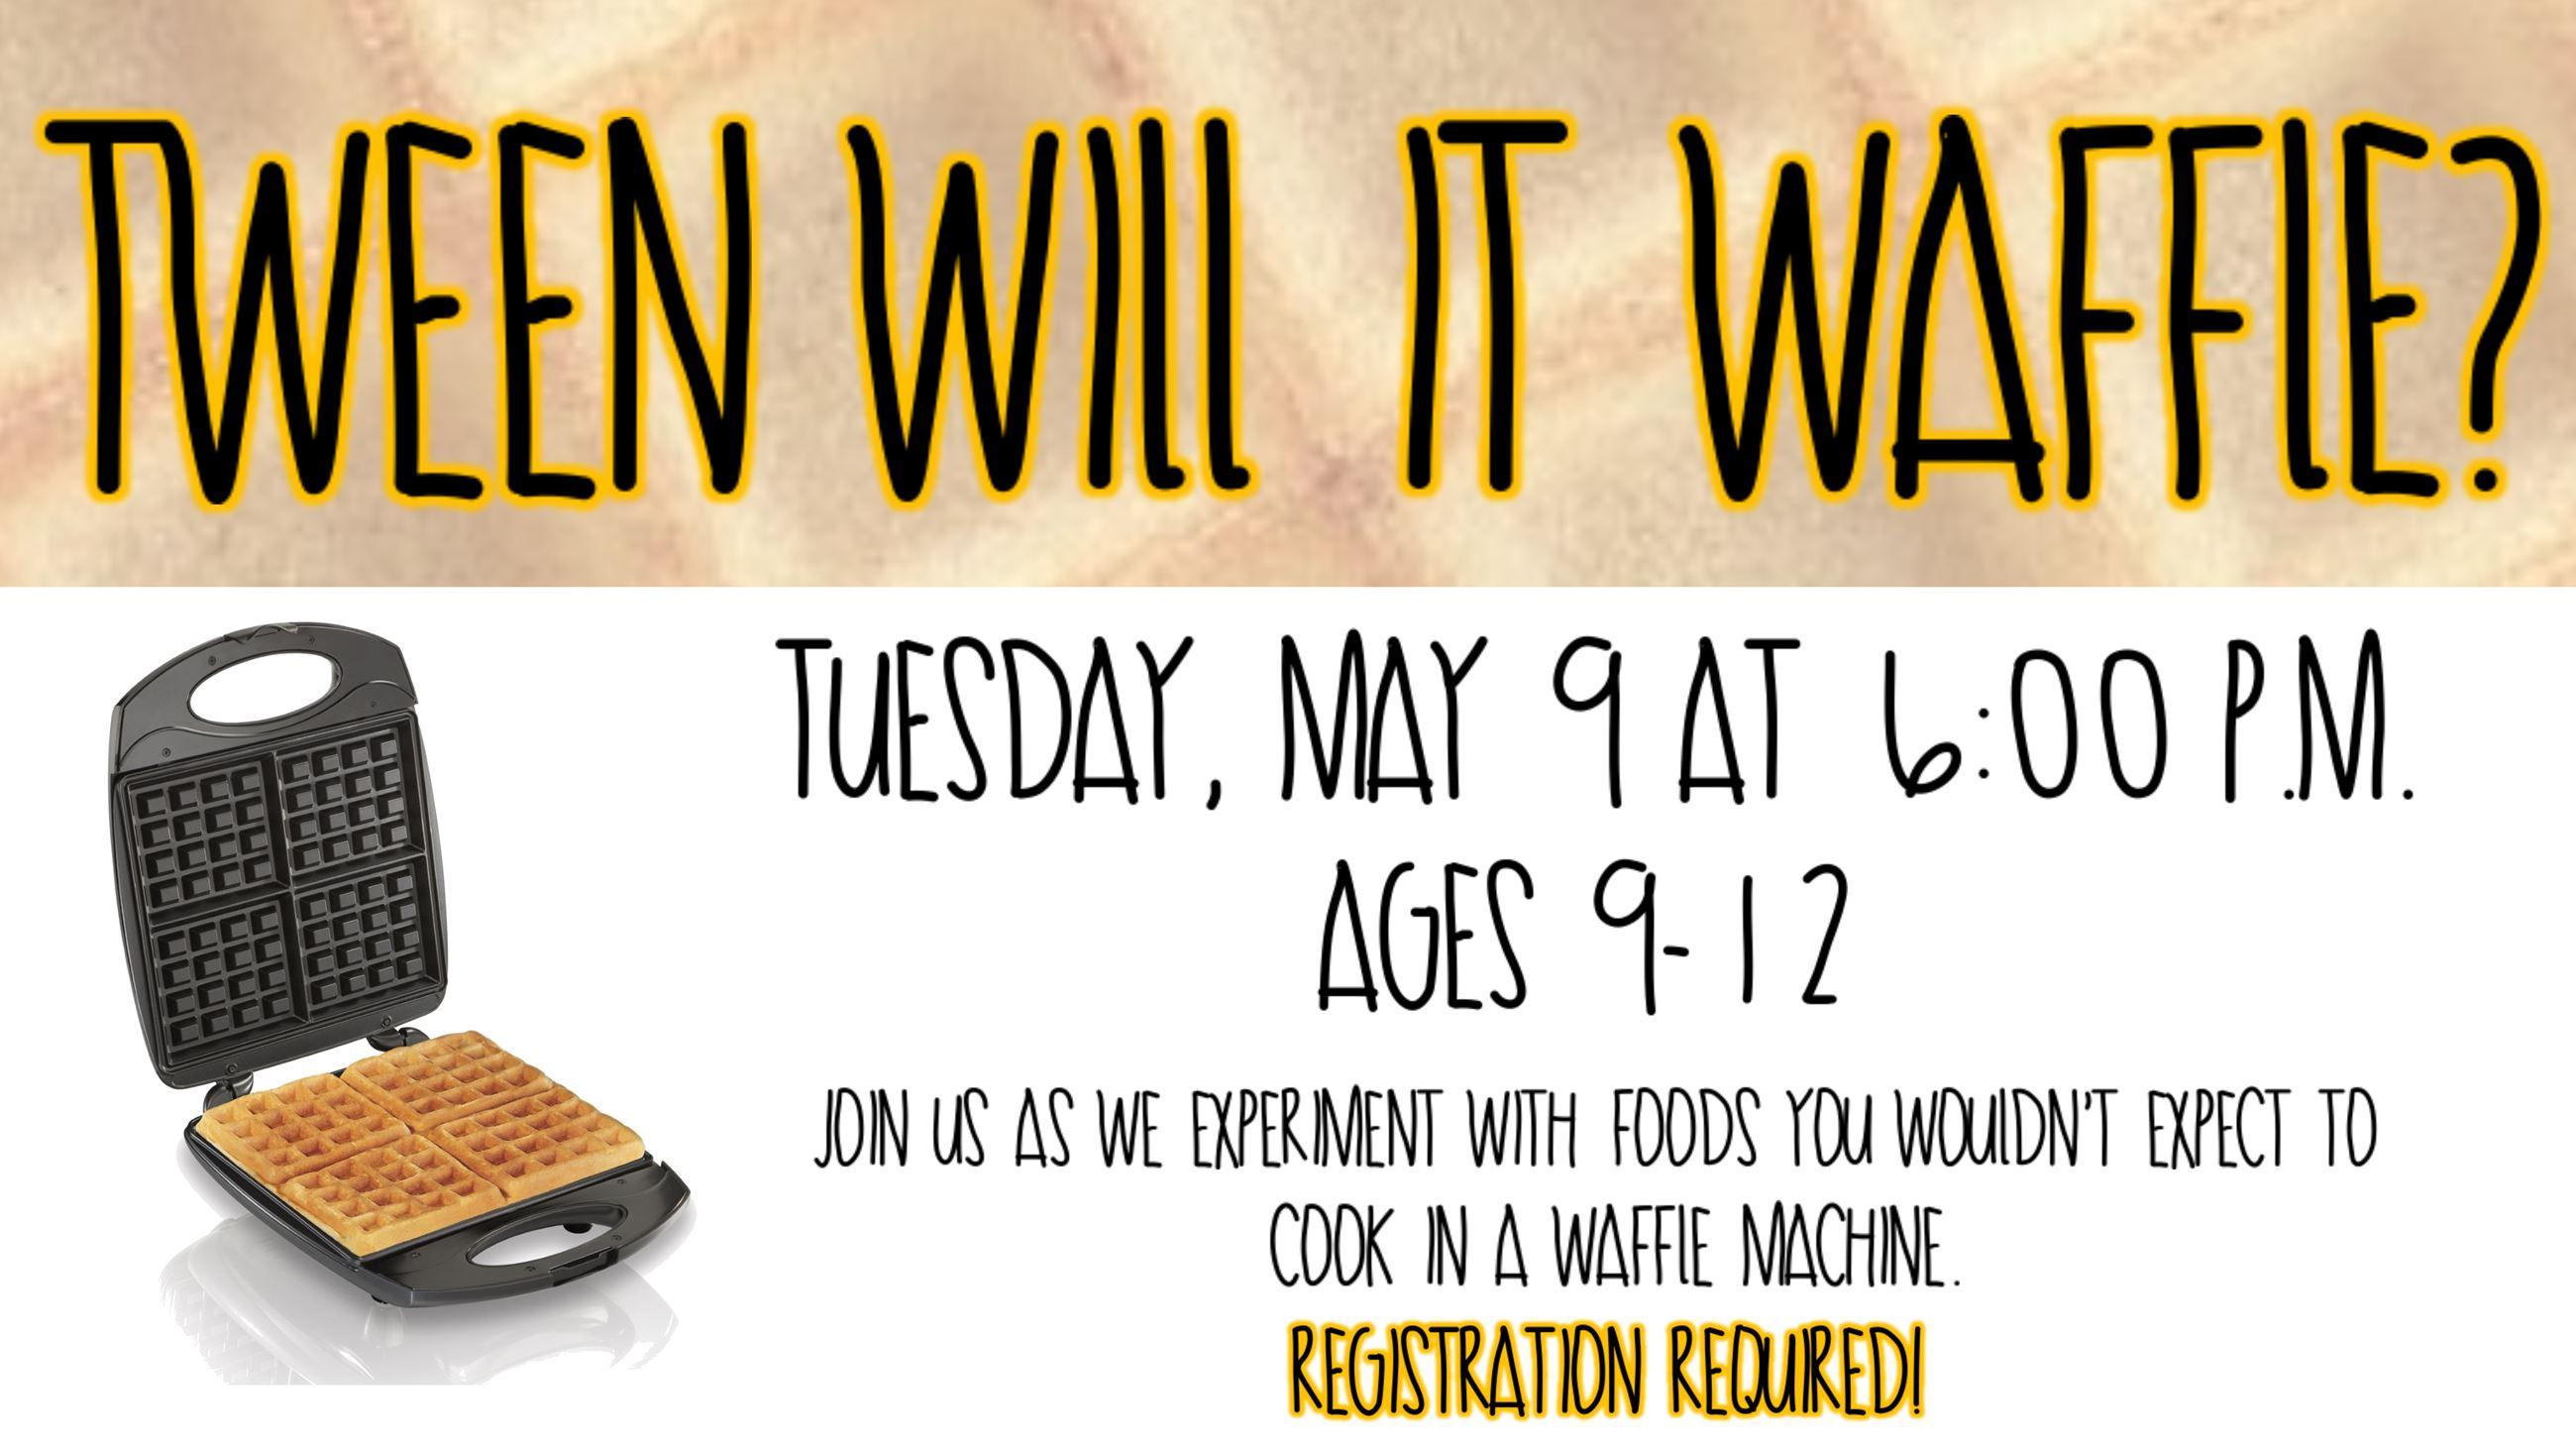 Tween Will It Waffle